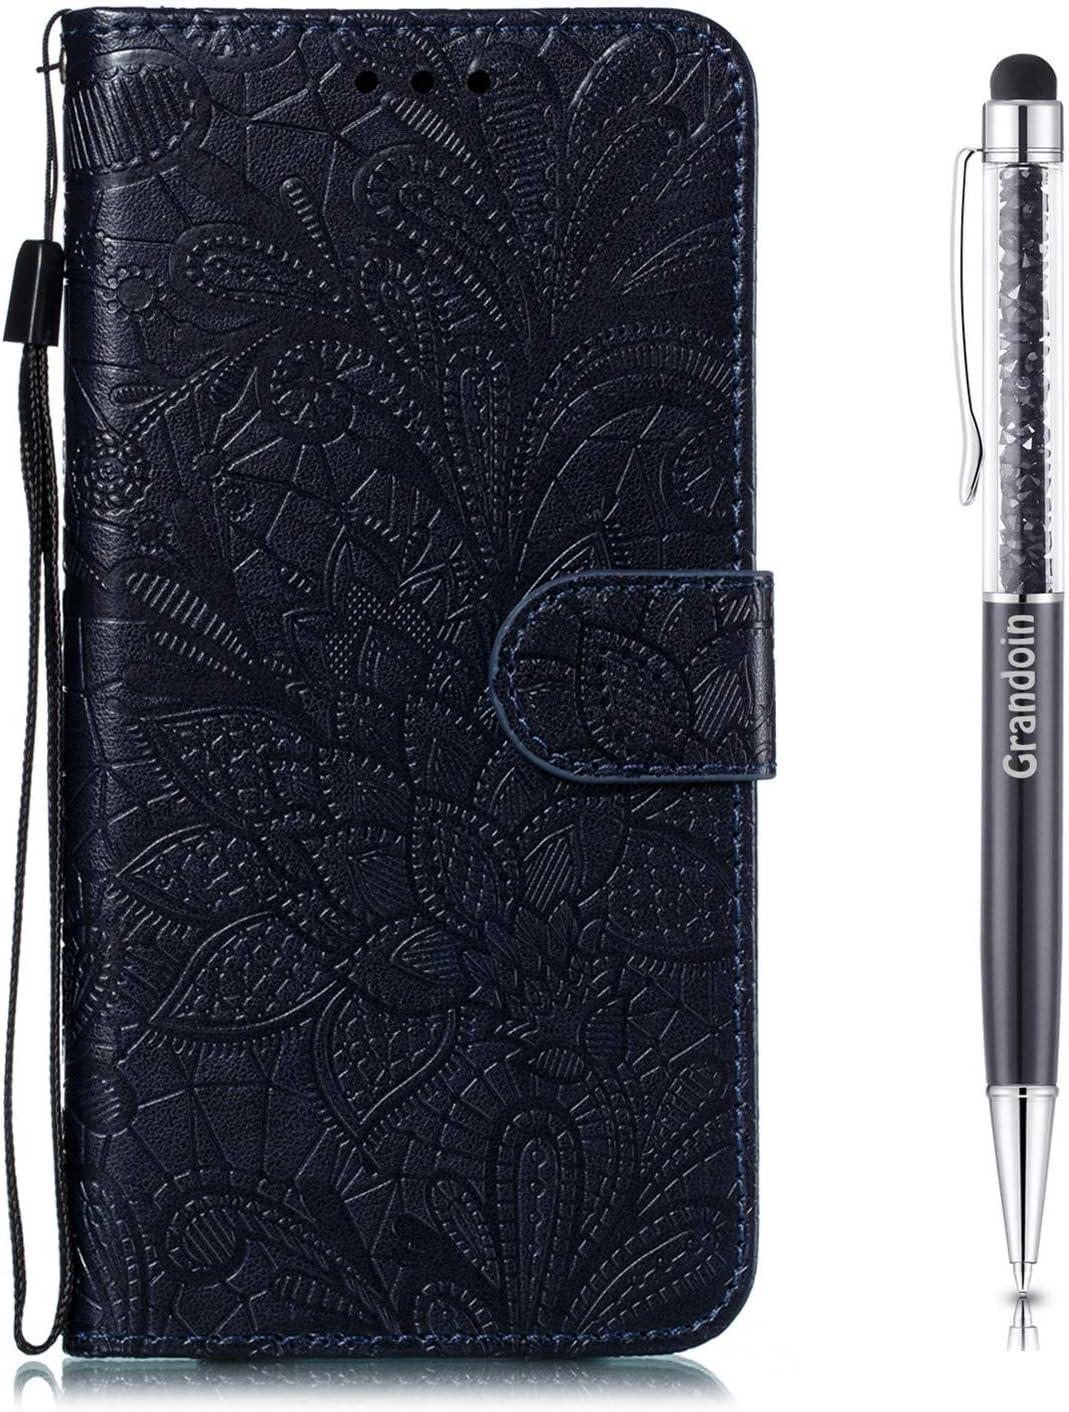 Azul Oscuro PU Cuero Case Cuerpo Completo Carcasa Protectora Cartera Soporte Plegable Funci/ón Fundas Case Cover Grandoin Funda para Samsung Galaxy A2 Core